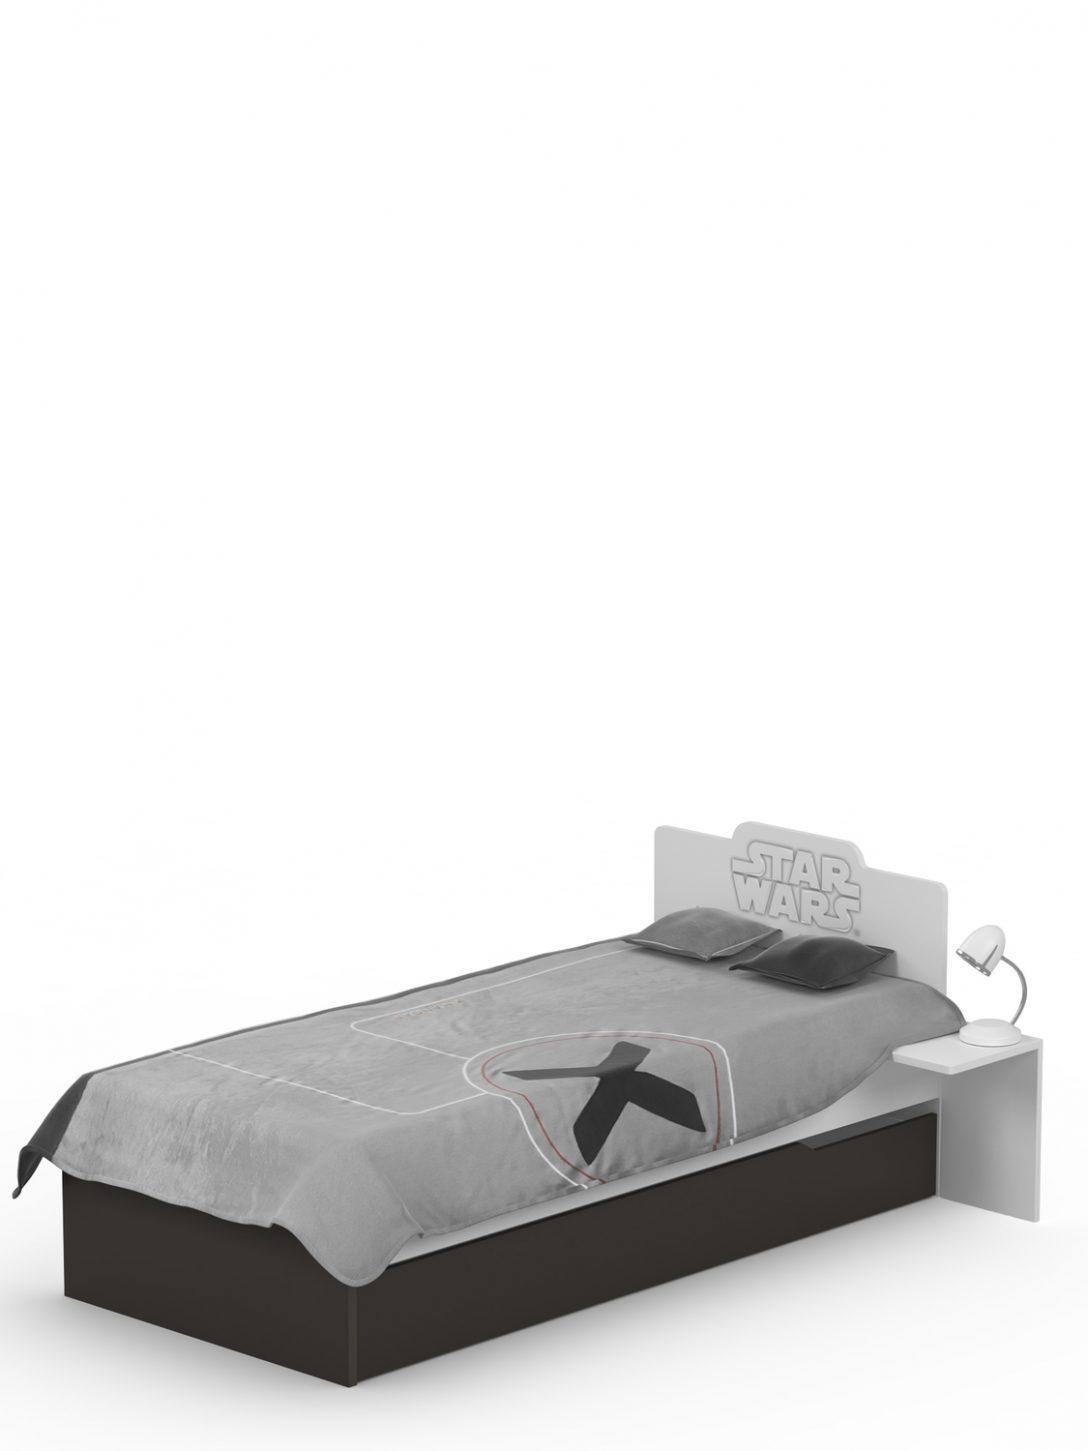 Large Size of Bett 90x190 Star Wars Meblik Betten Münster Roba Ausklappbares Cars Joop Kleinkind 2m X Wasser 120 200 Mit Aufbewahrung Rutsche Poco Für übergewichtige Bett Bett 90x190